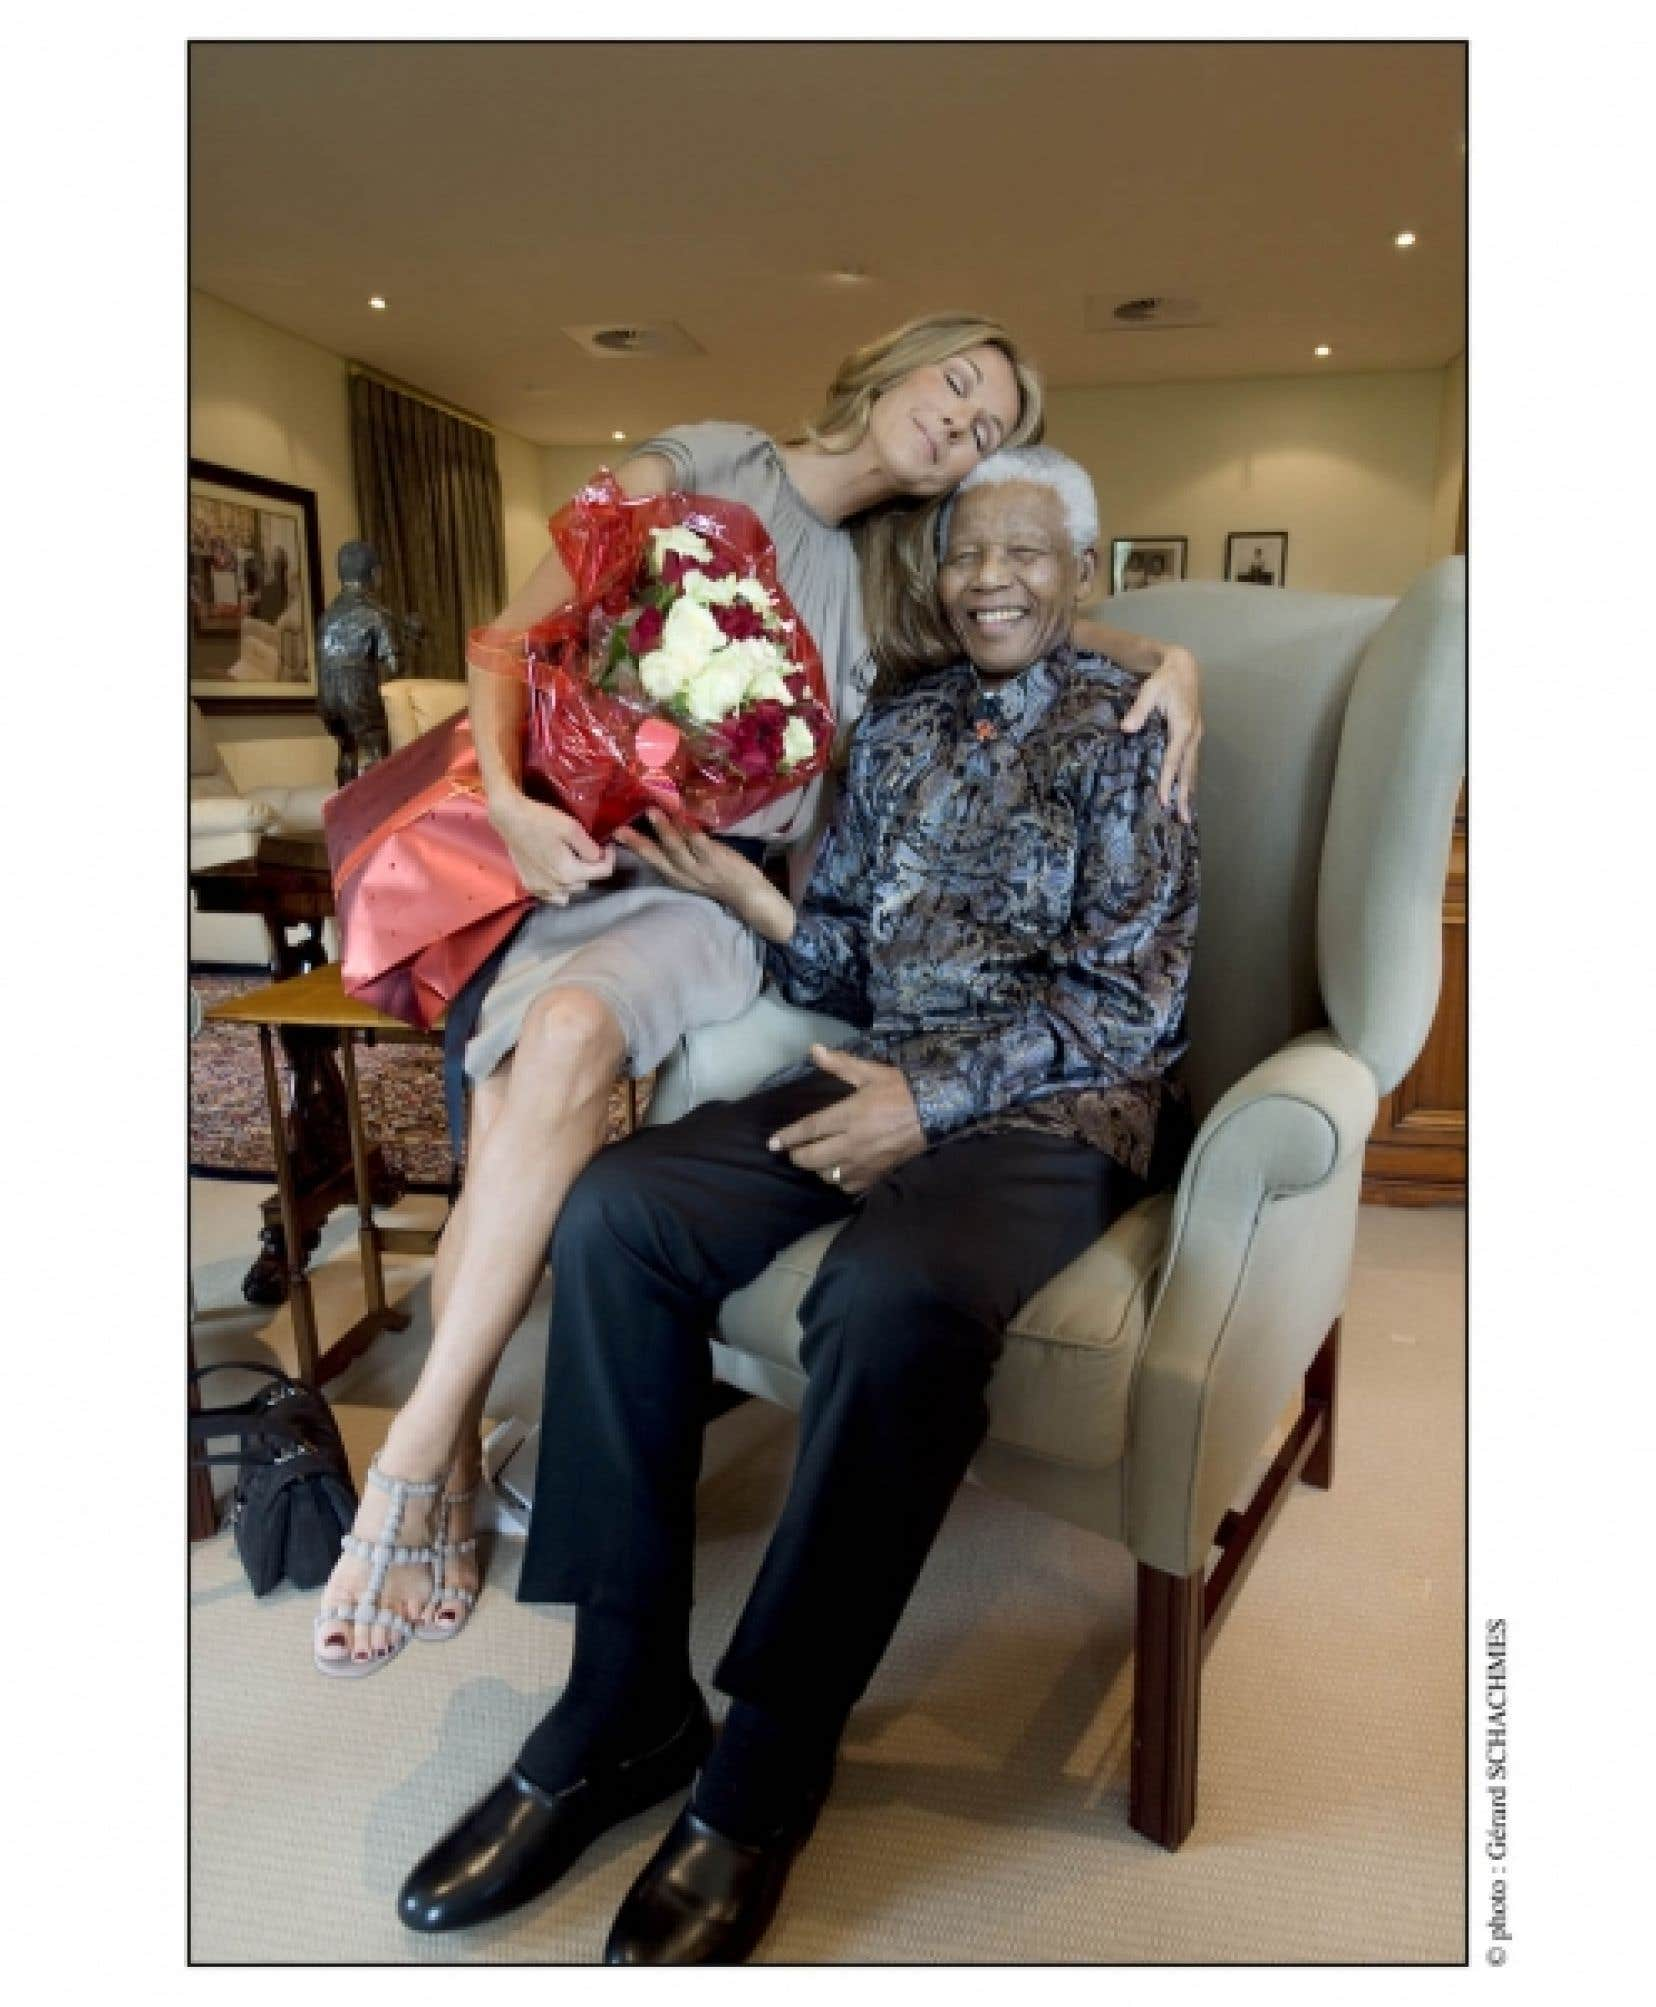 La rencontre entre Nelson Mandela et Céline Dion a eu lieu au début de la tournée mondiale Taking Chances de la chanteuse à Johannesburg, en Afrique du Sud, le 14 février 2008.